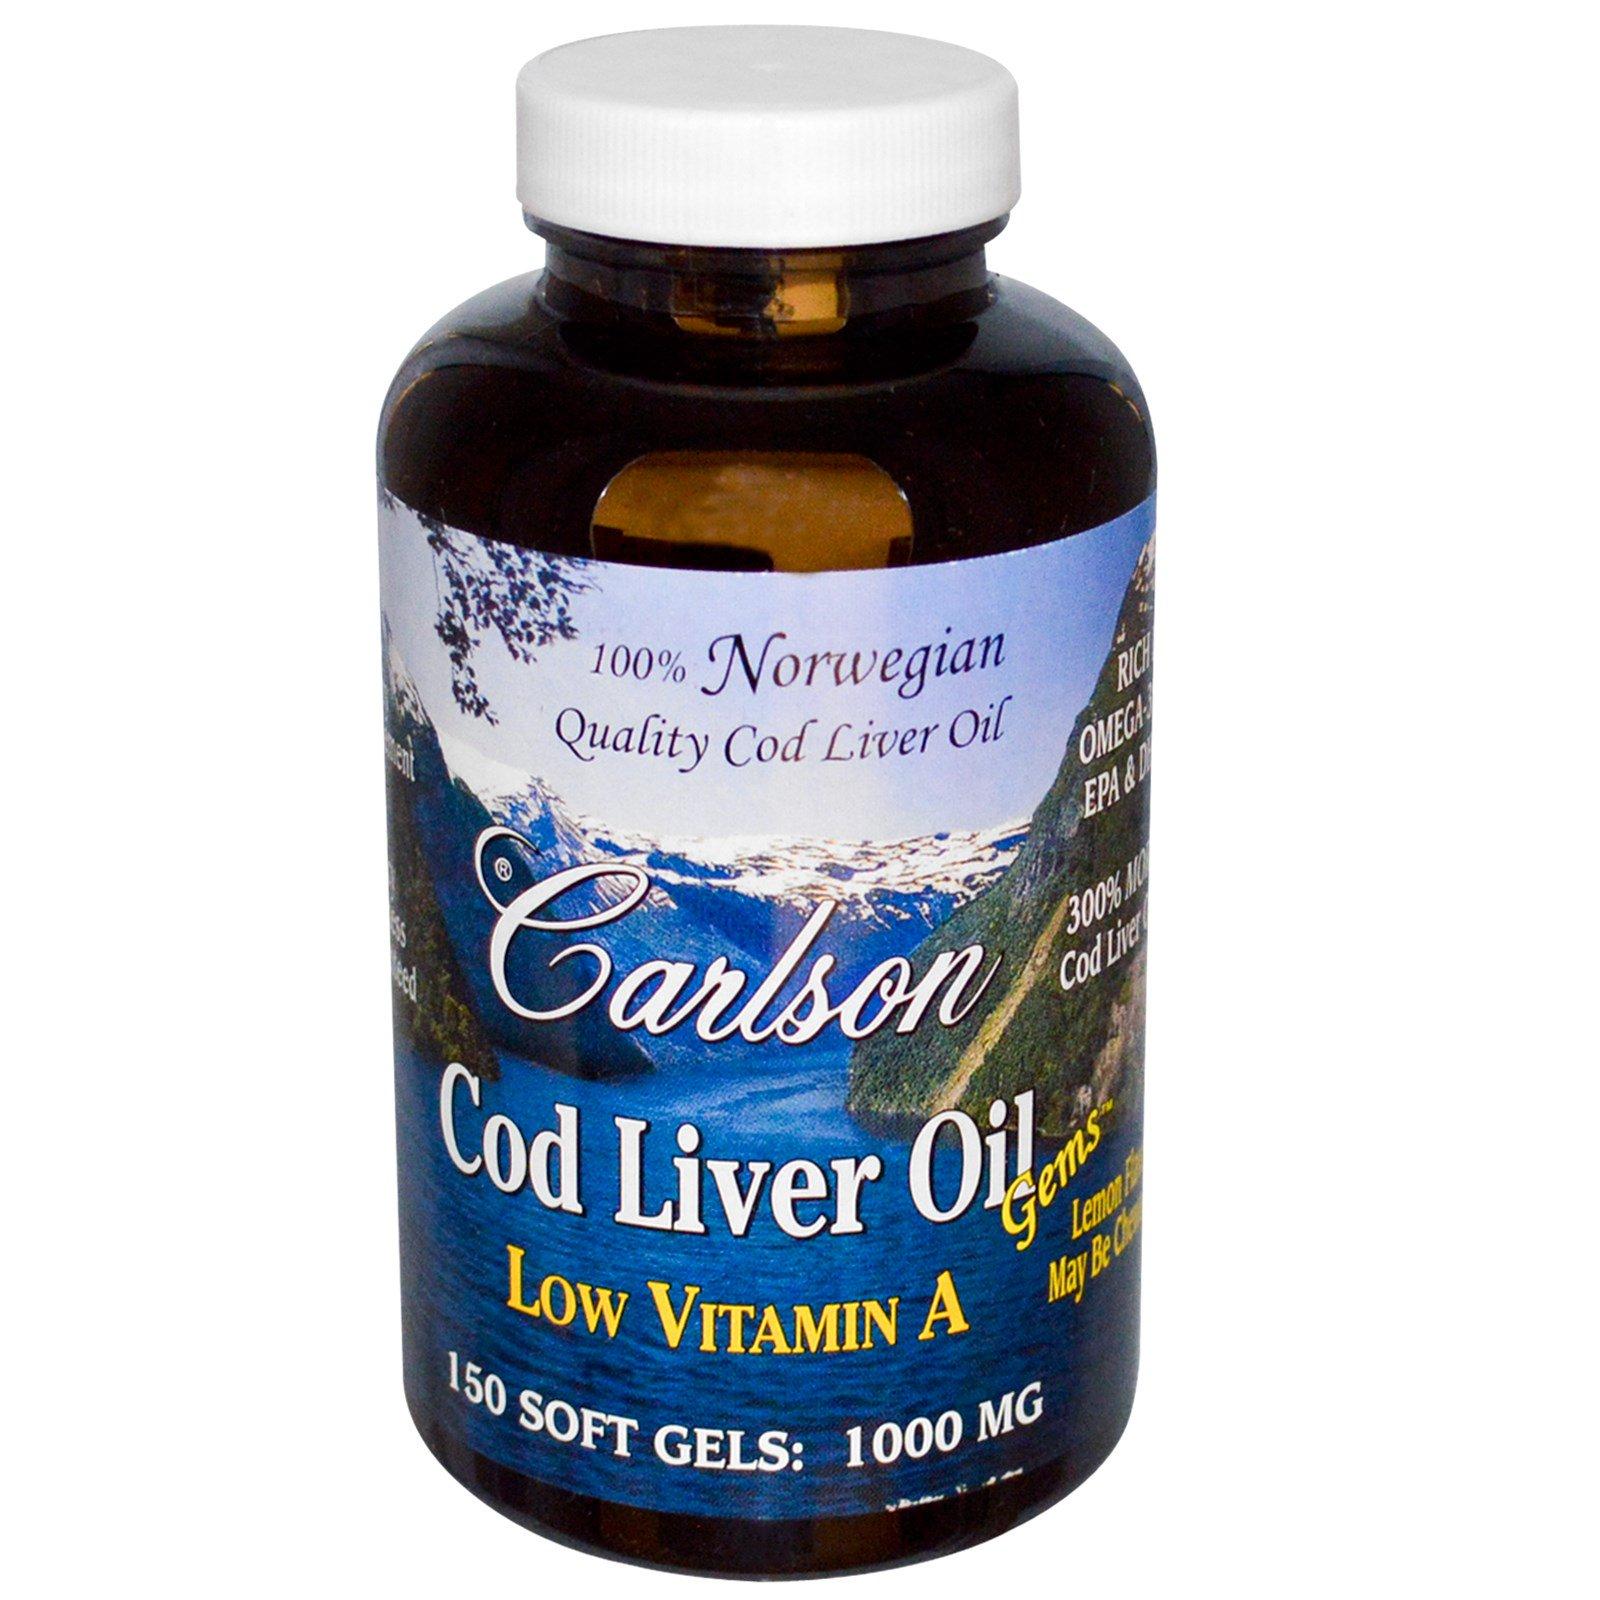 Carlson Labs, Капсулы с жиром печени трески, низкий уровень витамина А, натуральный лимонный ароматизатор, 1000 мг, 150 капсул